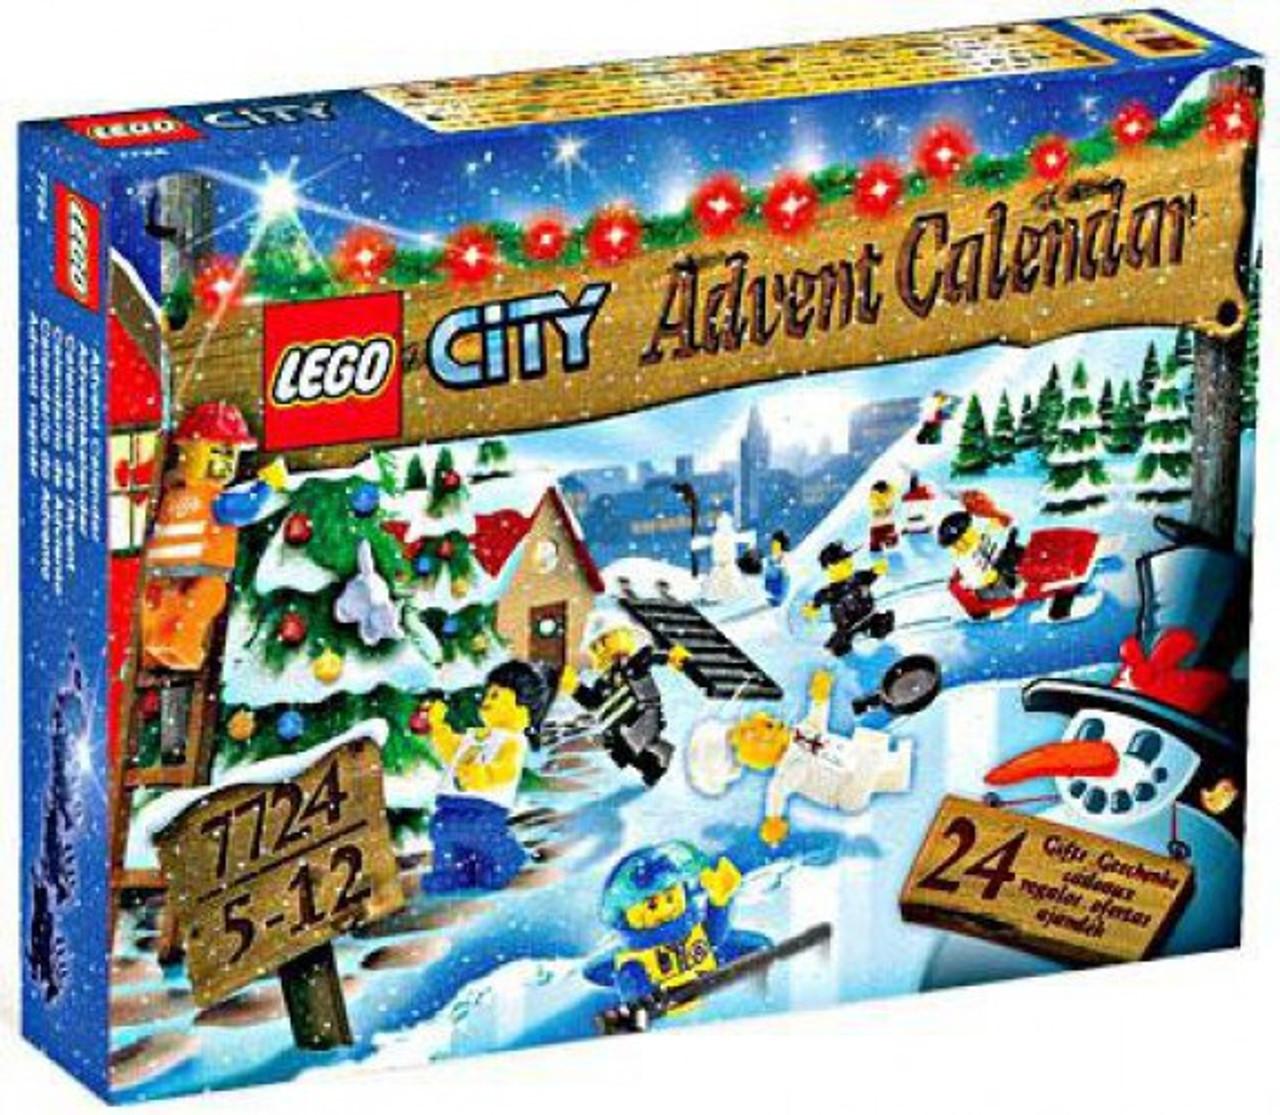 Lego City 2008 Advent Calendar Set 7724 Toywiz